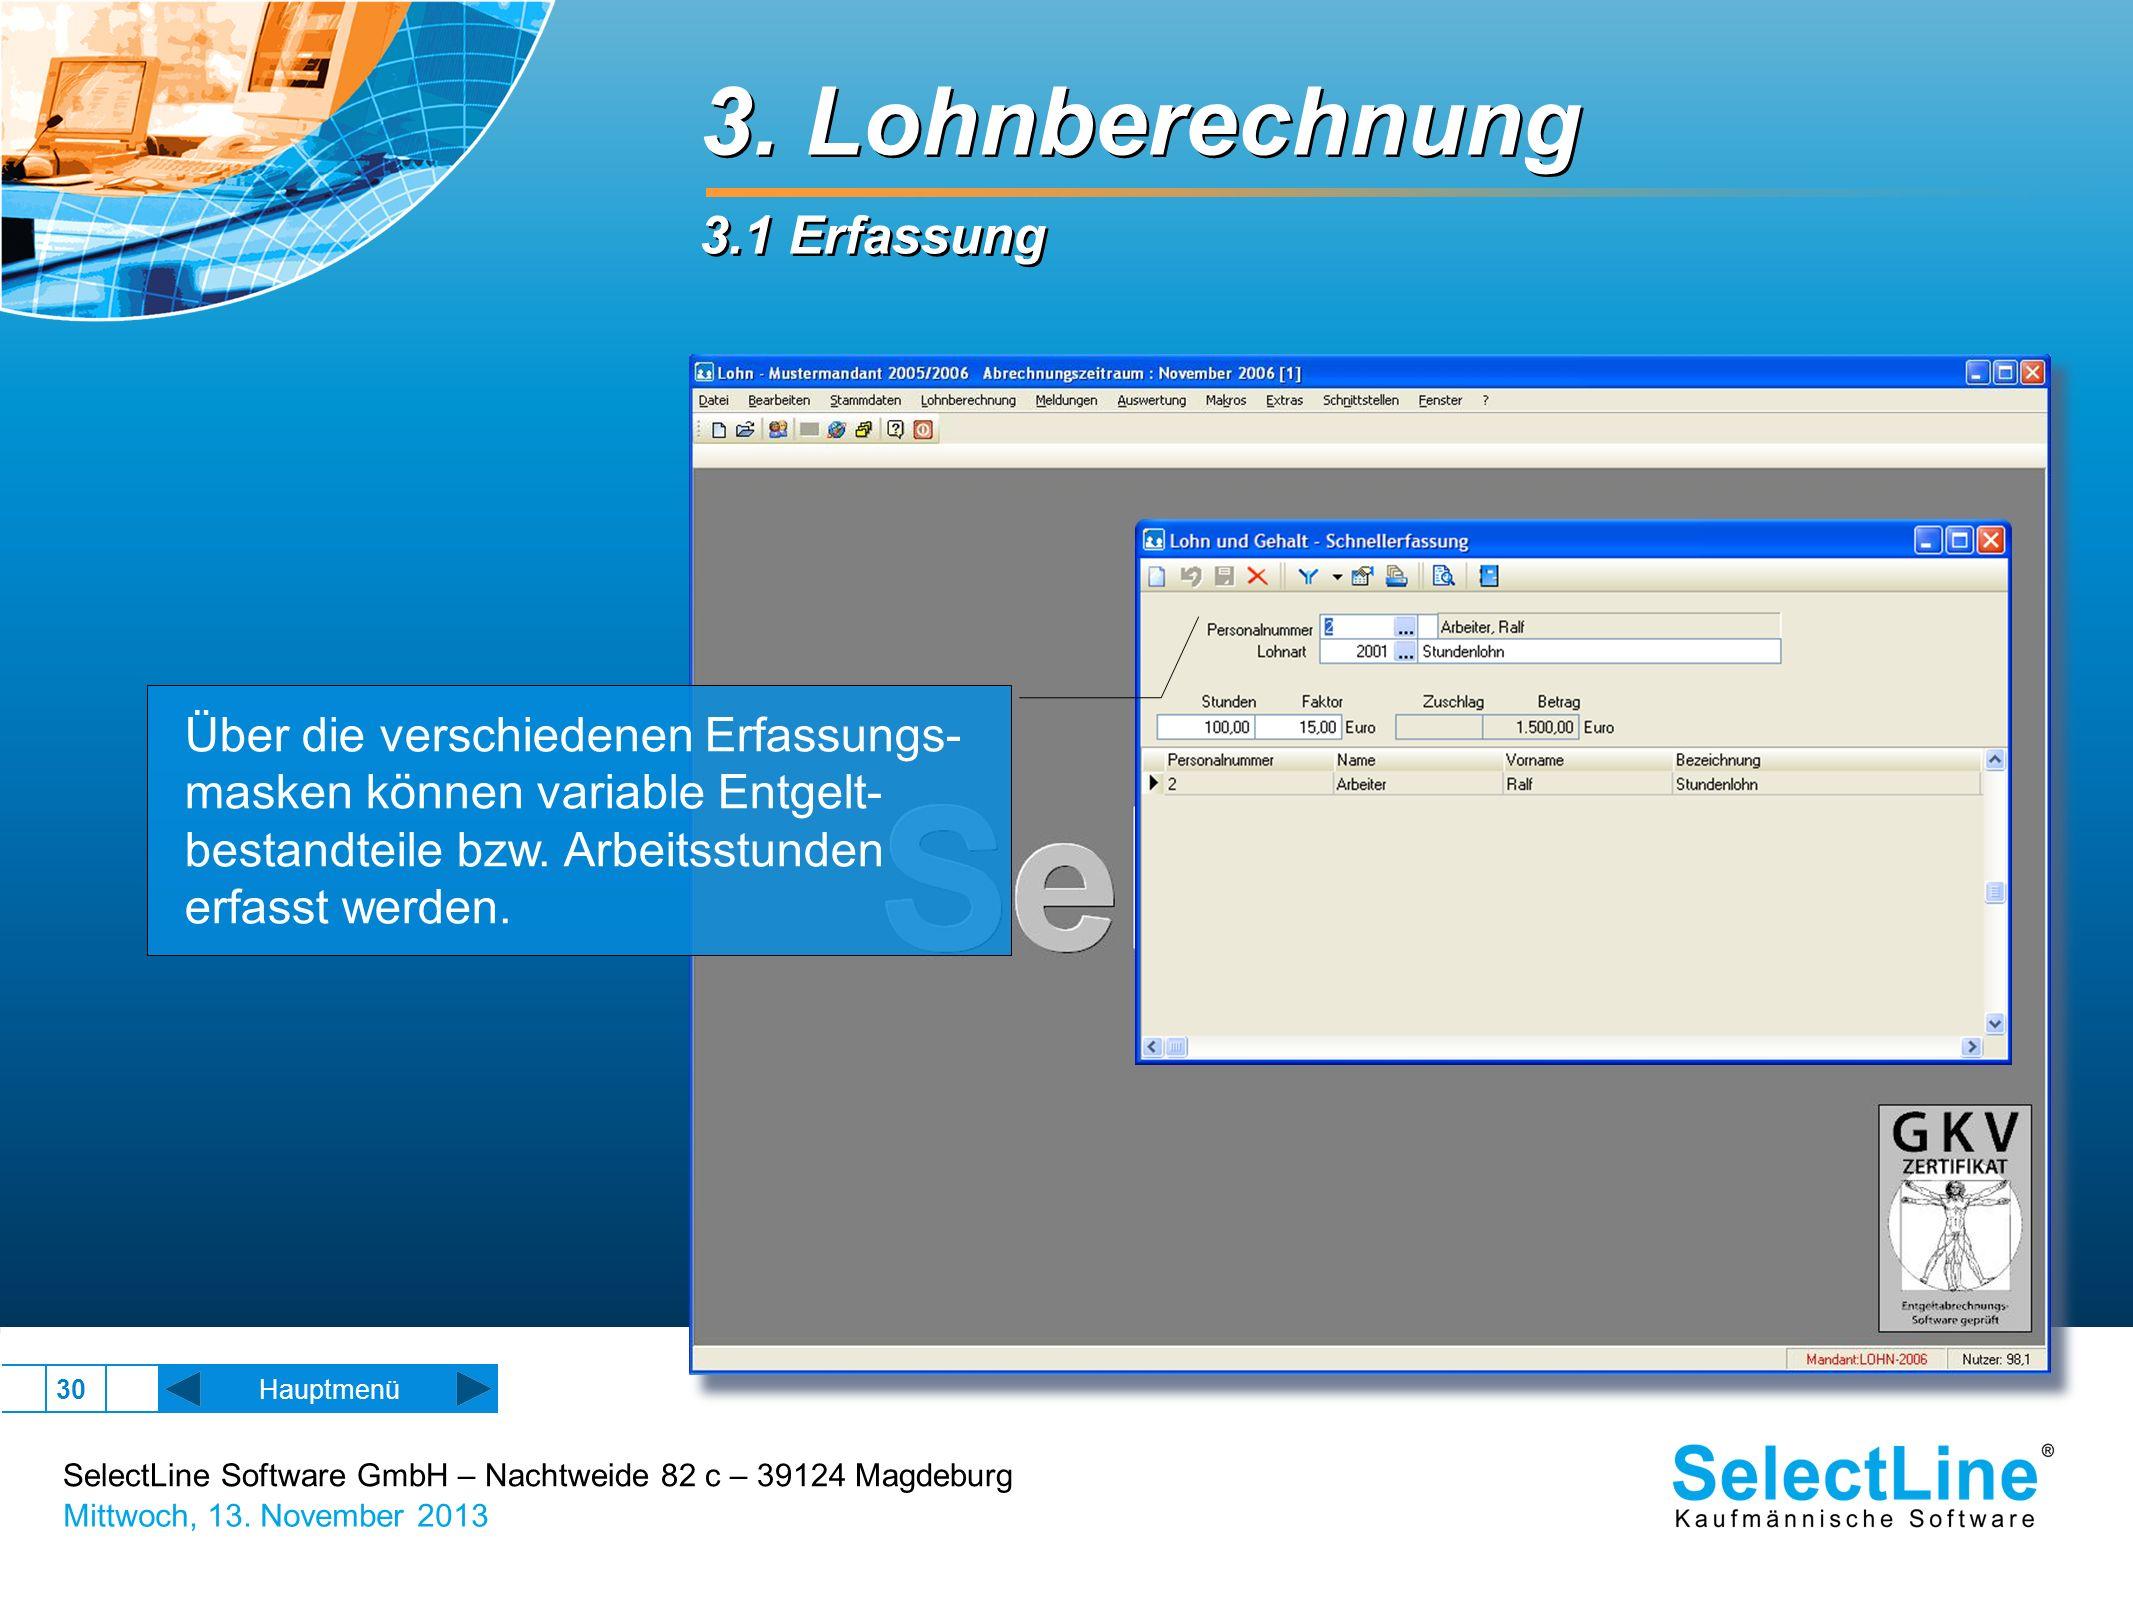 SelectLine Software GmbH – Nachtweide 82 c – 39124 Magdeburg Mittwoch, 13. November 2013 30 Hauptmenü Über die verschiedenen Erfassungs- masken können